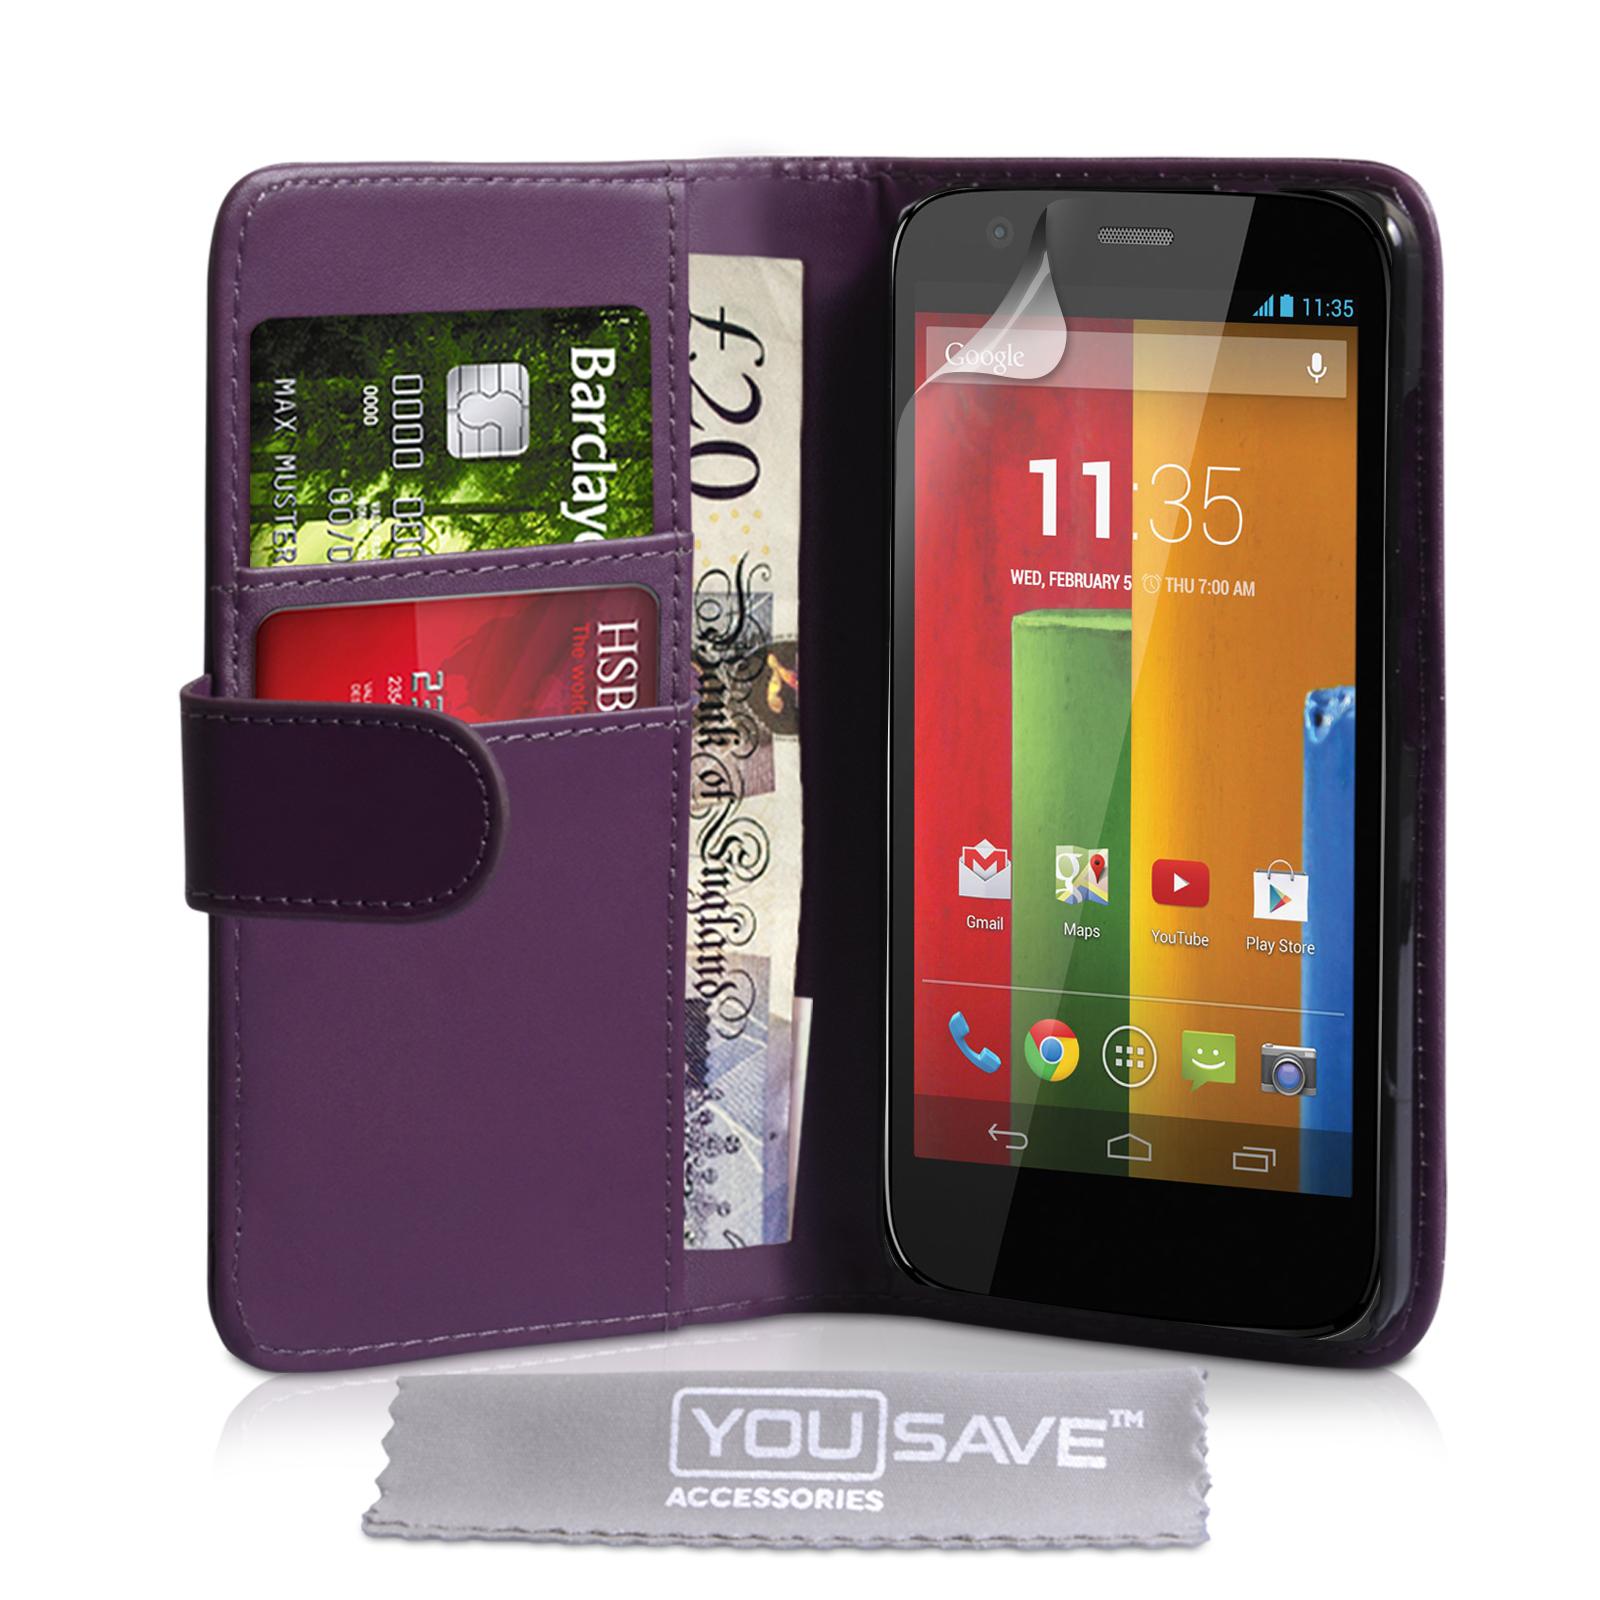 Θήκη Motorola Moto G - Πορτοφόλι by YouSave (Z229)